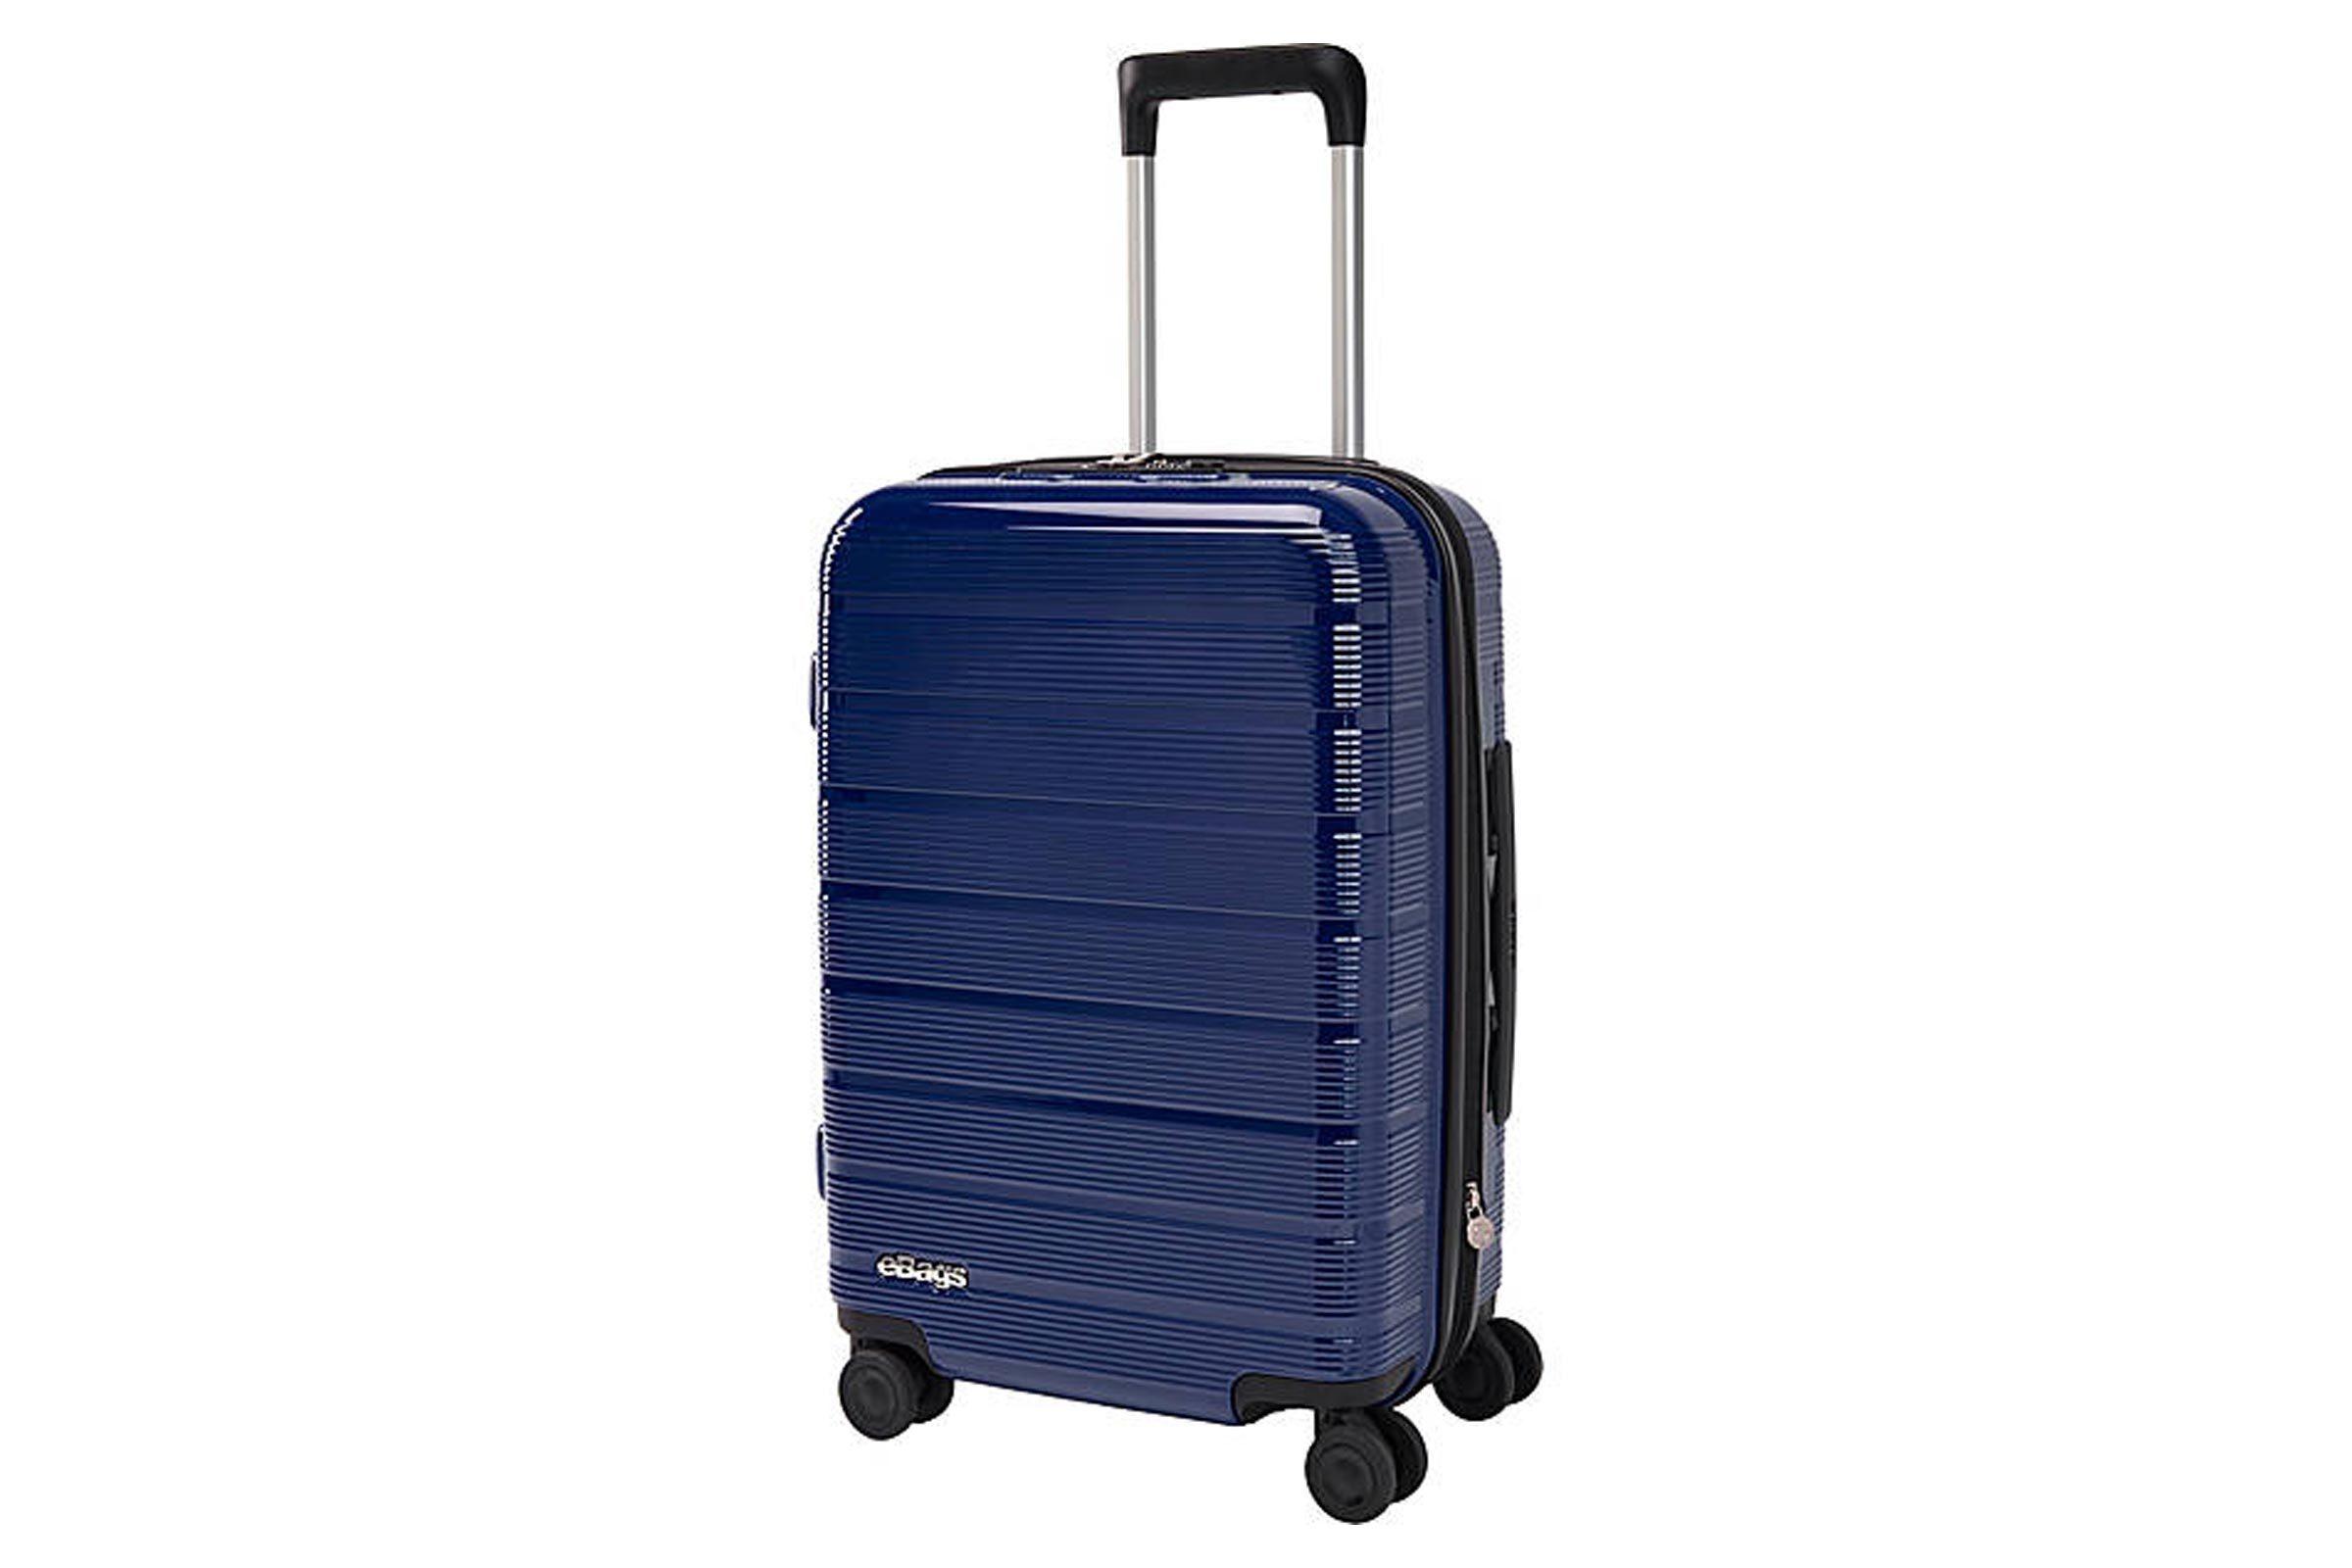 Fortis Pro Traveler Hardside Spinner Carry-On